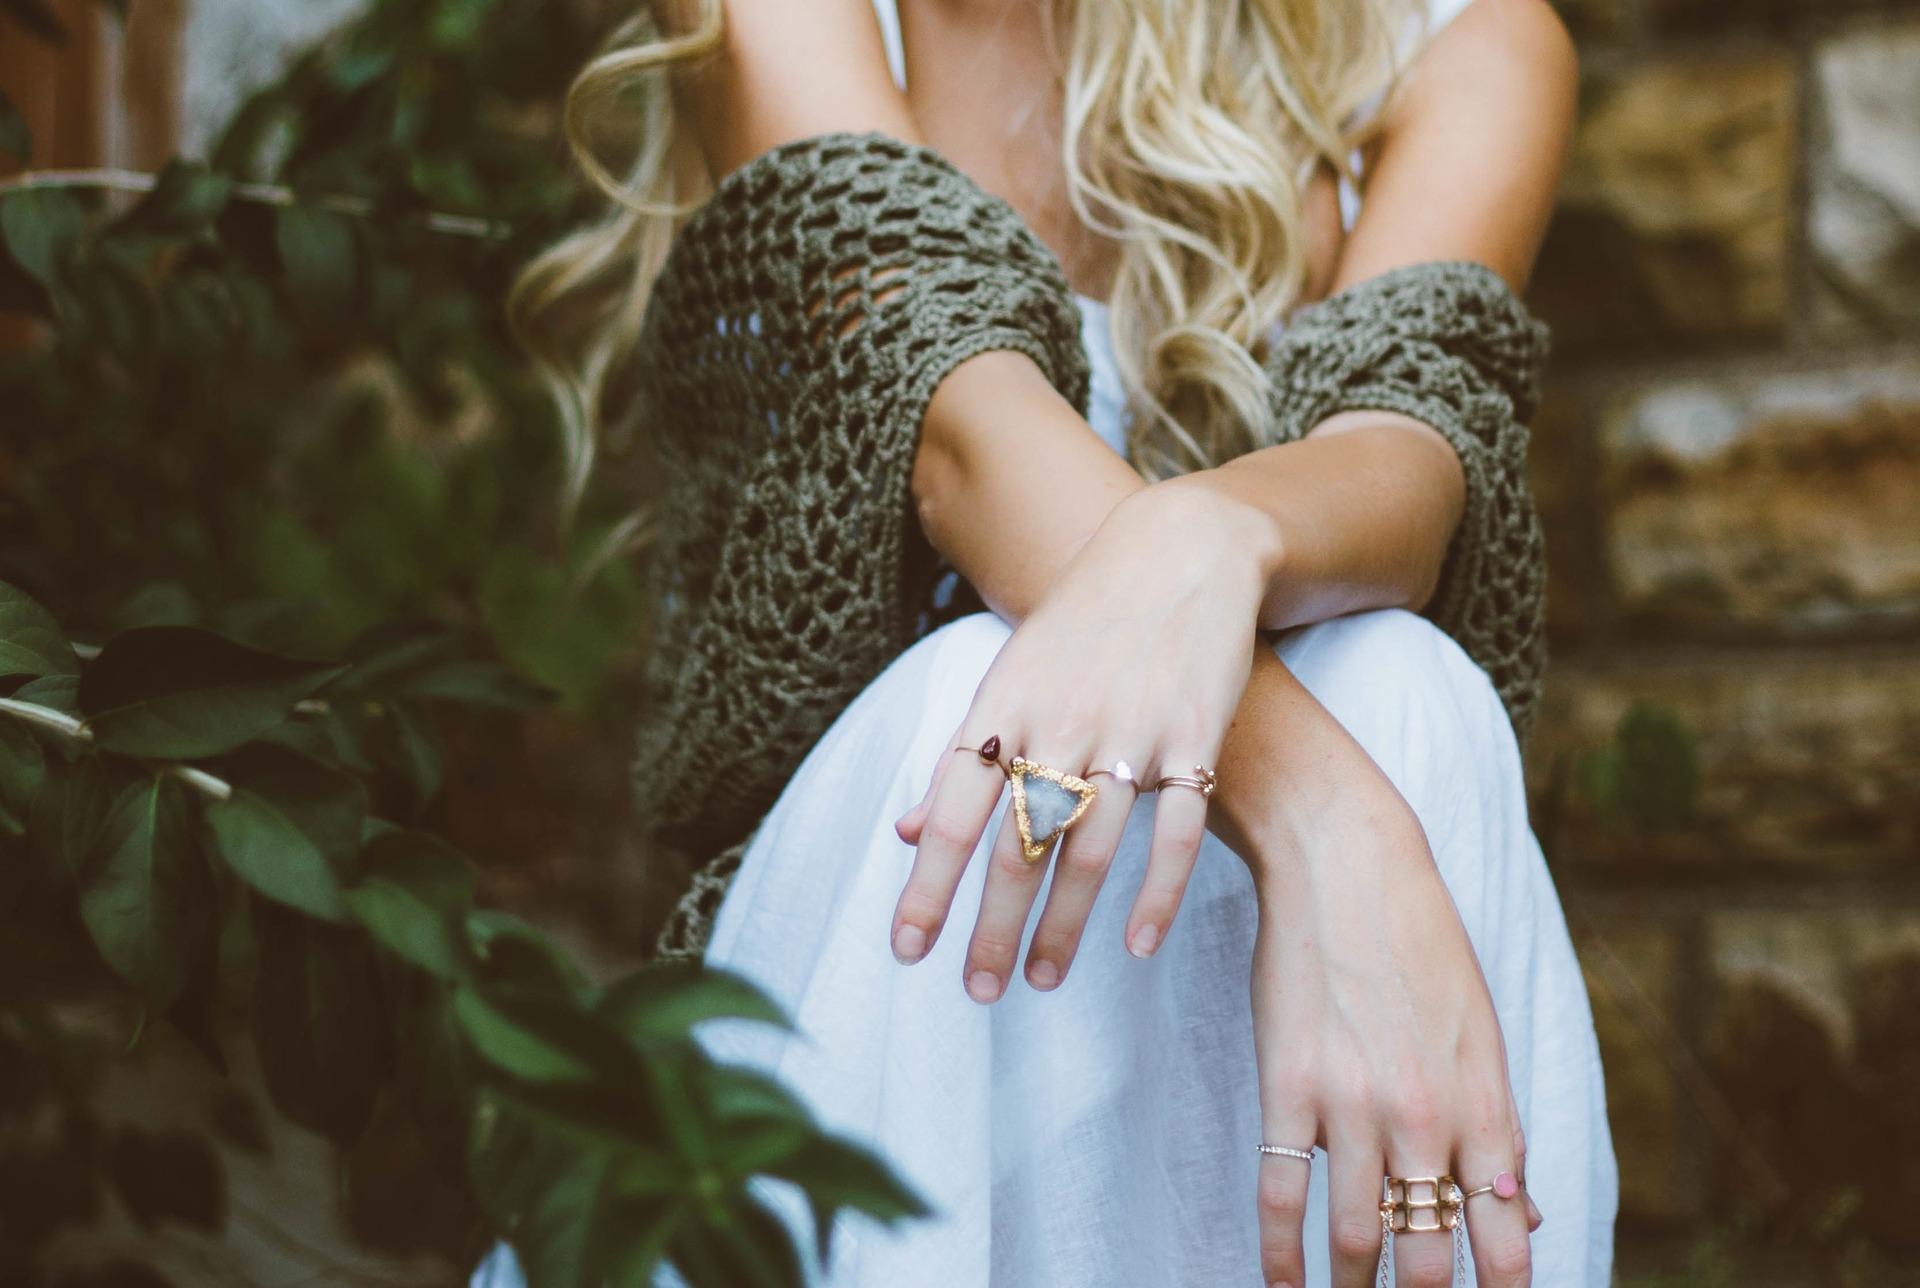 Frau mit vielen Ringen